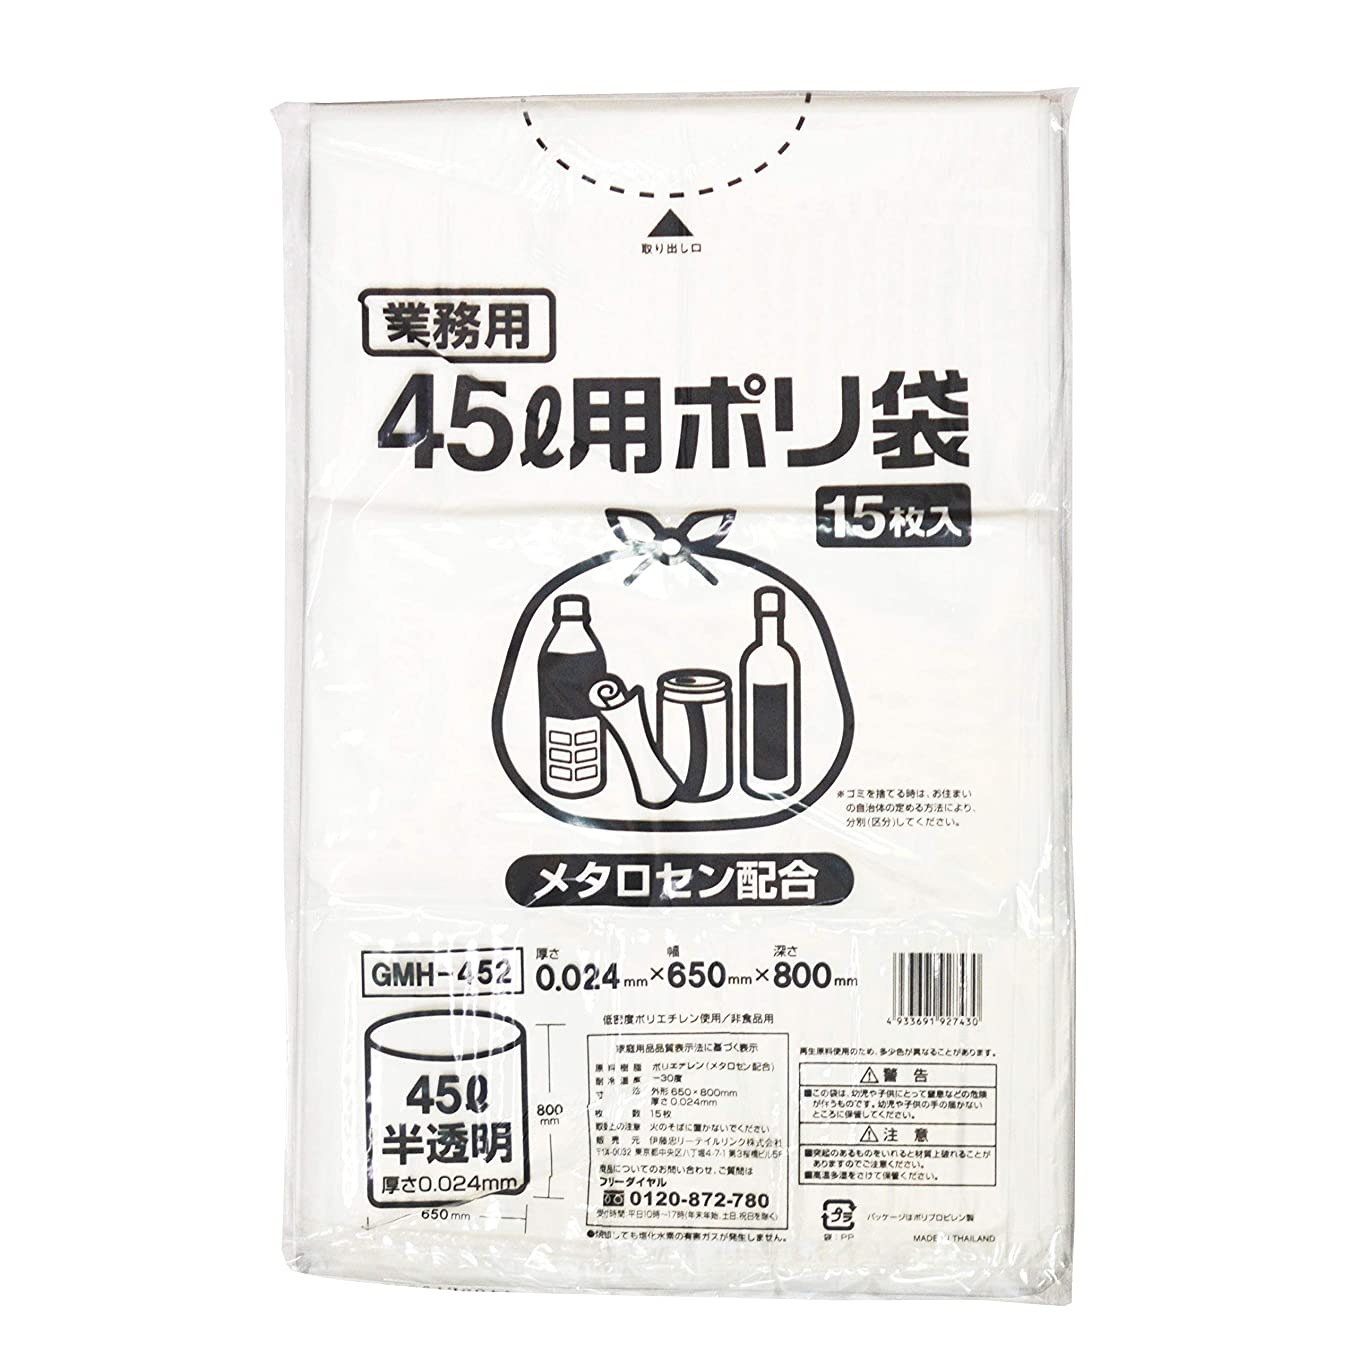 風味極めて小間伊藤忠リーテイルリンク ポリゴミ袋(メタロセン配合)半透明45L 15枚入り×20パック 低密度ポリエチレン GMH-452